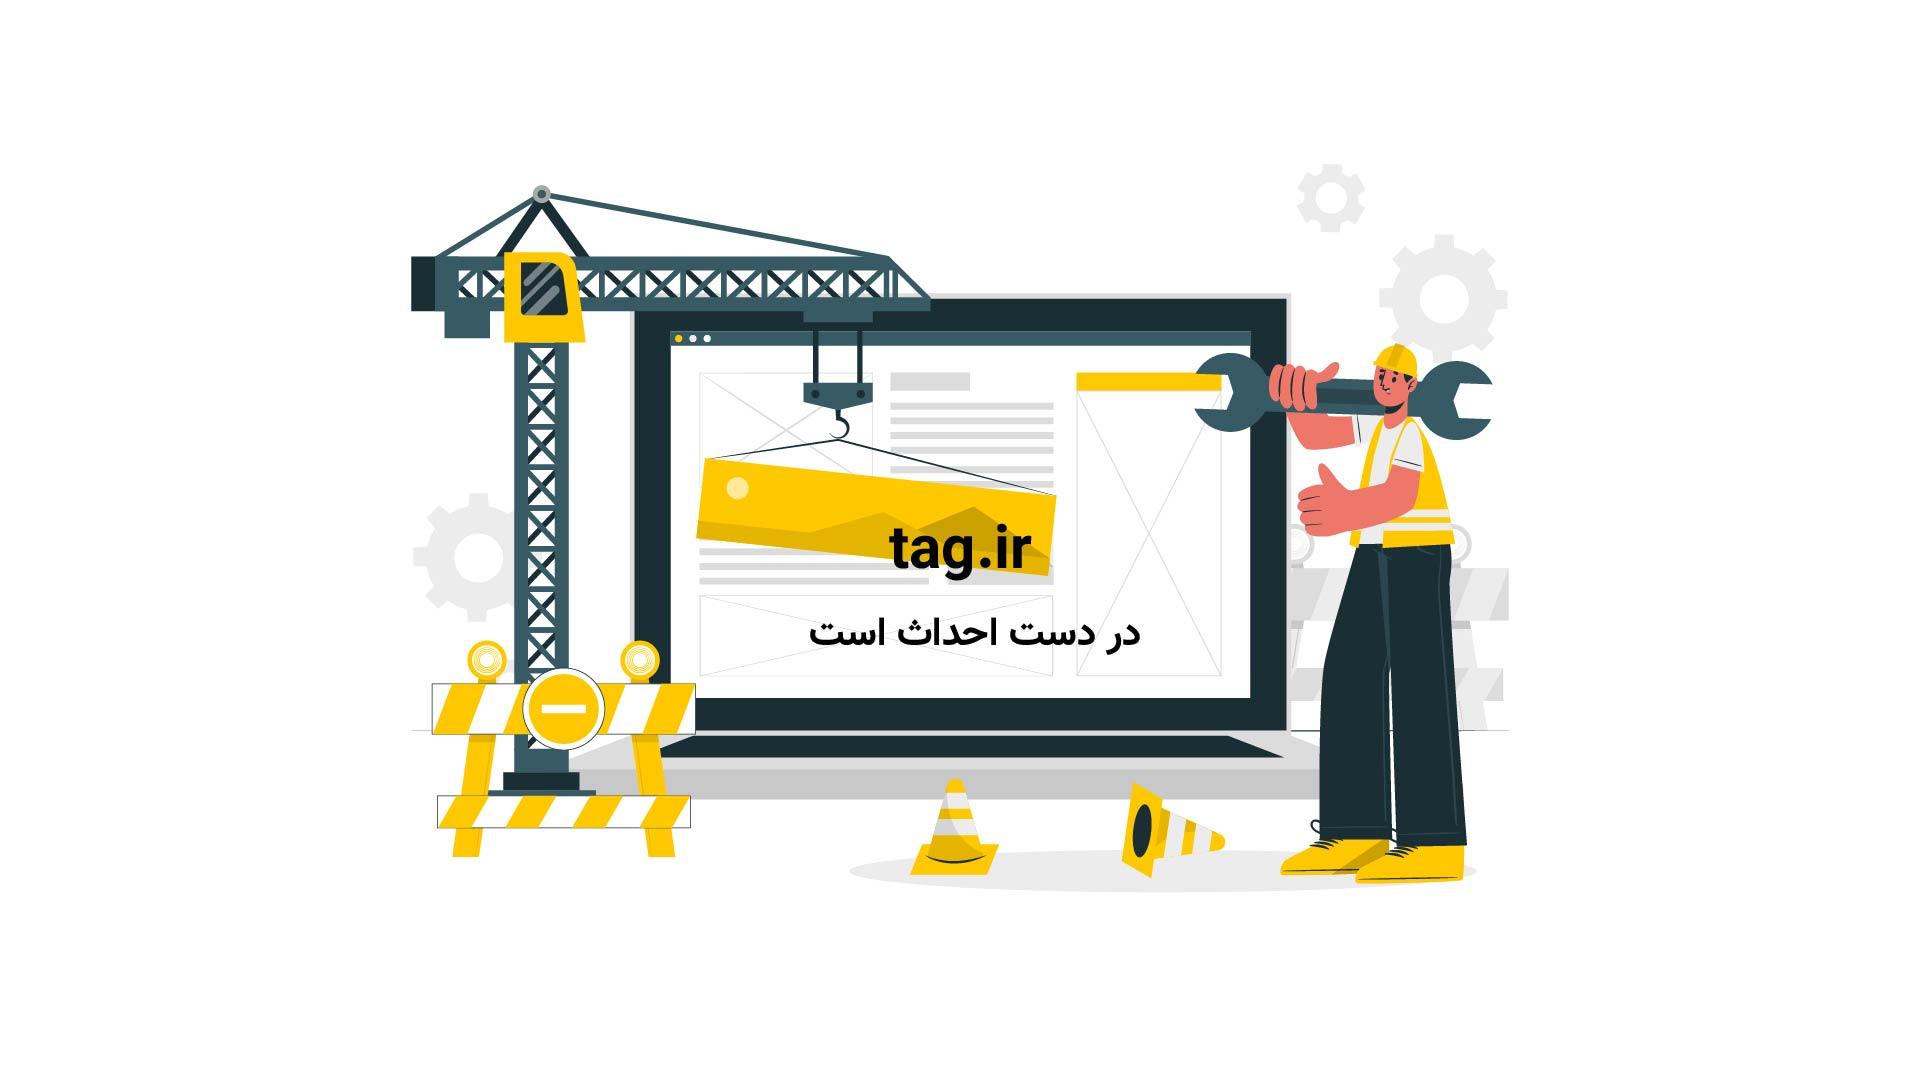 شبنم فرشاد جو: بسیار پرخاشگر و رک گو هستم | فیلم